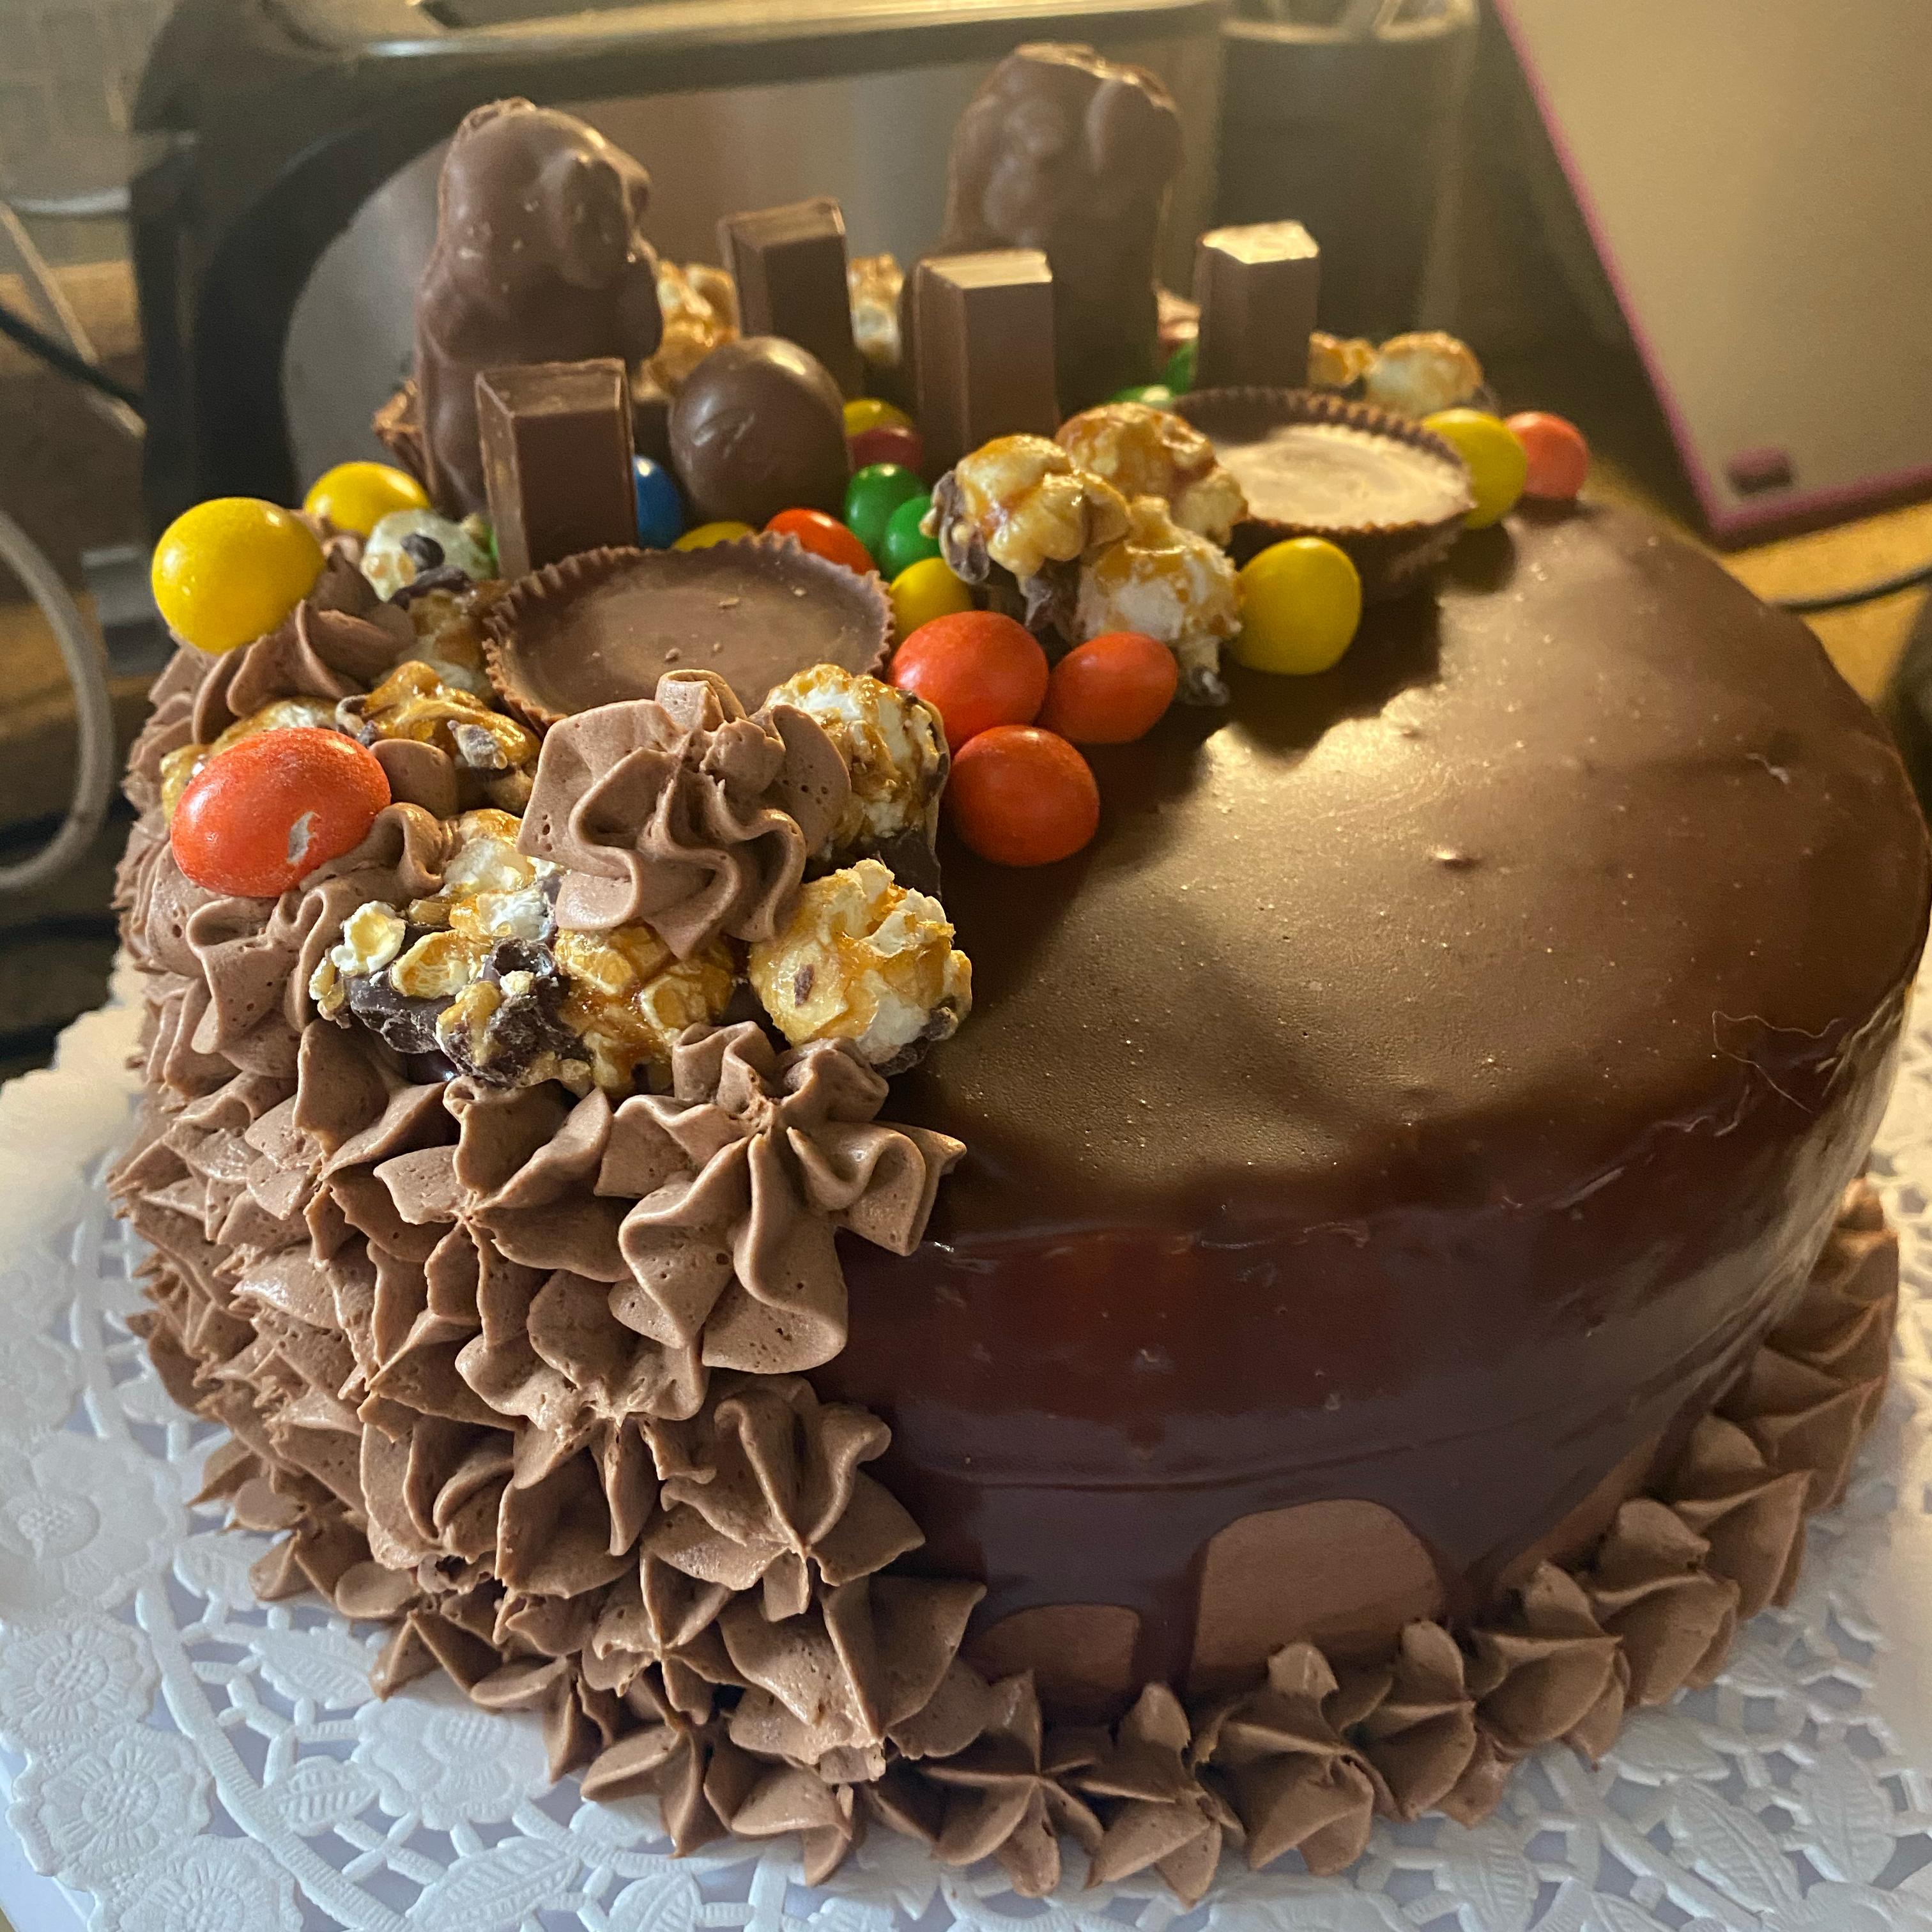 Chocolate Ganache Kristine Cruden